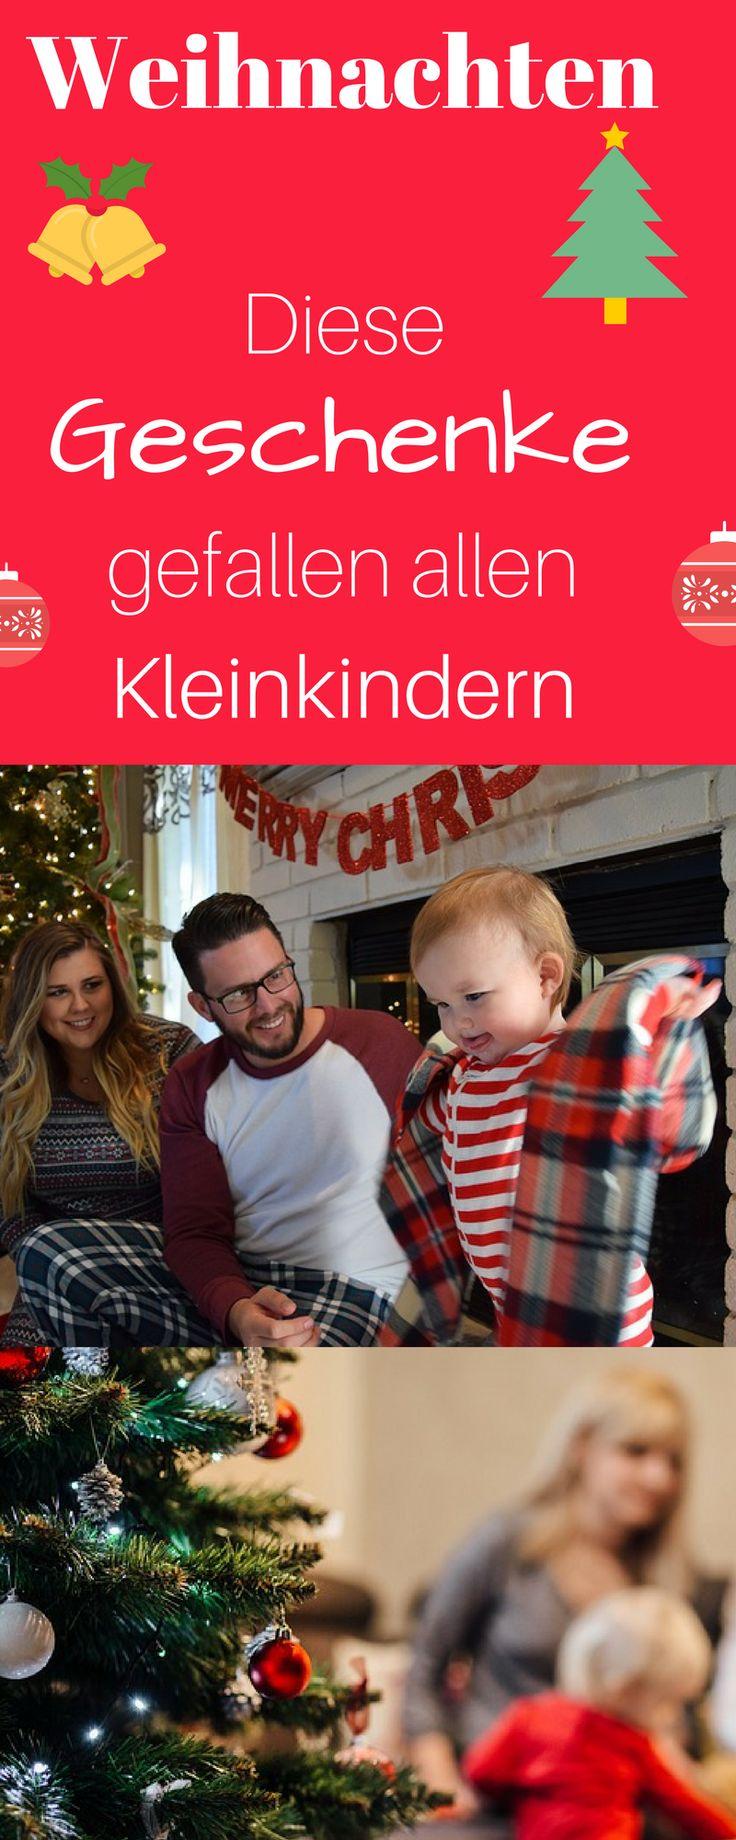 Schöne Weihnachtsgeschenke für Kinder und Kleinkinder von 1-3 Jahren. Weihnachtsgeschenke Idee, Weihnachtsgeschenke selbstgemachte Weihnachtsgeschenke kinder basteln, Weihnachtsgeschenke kinder kleines, Weihnachtsgeschenke kinder selber machen, Weihnachtsgeschenke Kinder Ideen, Weihnachtsgeschenke Baby basteln, Weihnachtsgeschenke Mädchen, Weihnachtsgeschenke Jungen, Weihnachtsgeschenke DIY Kinder, Weihnachtsgechenke Kinder